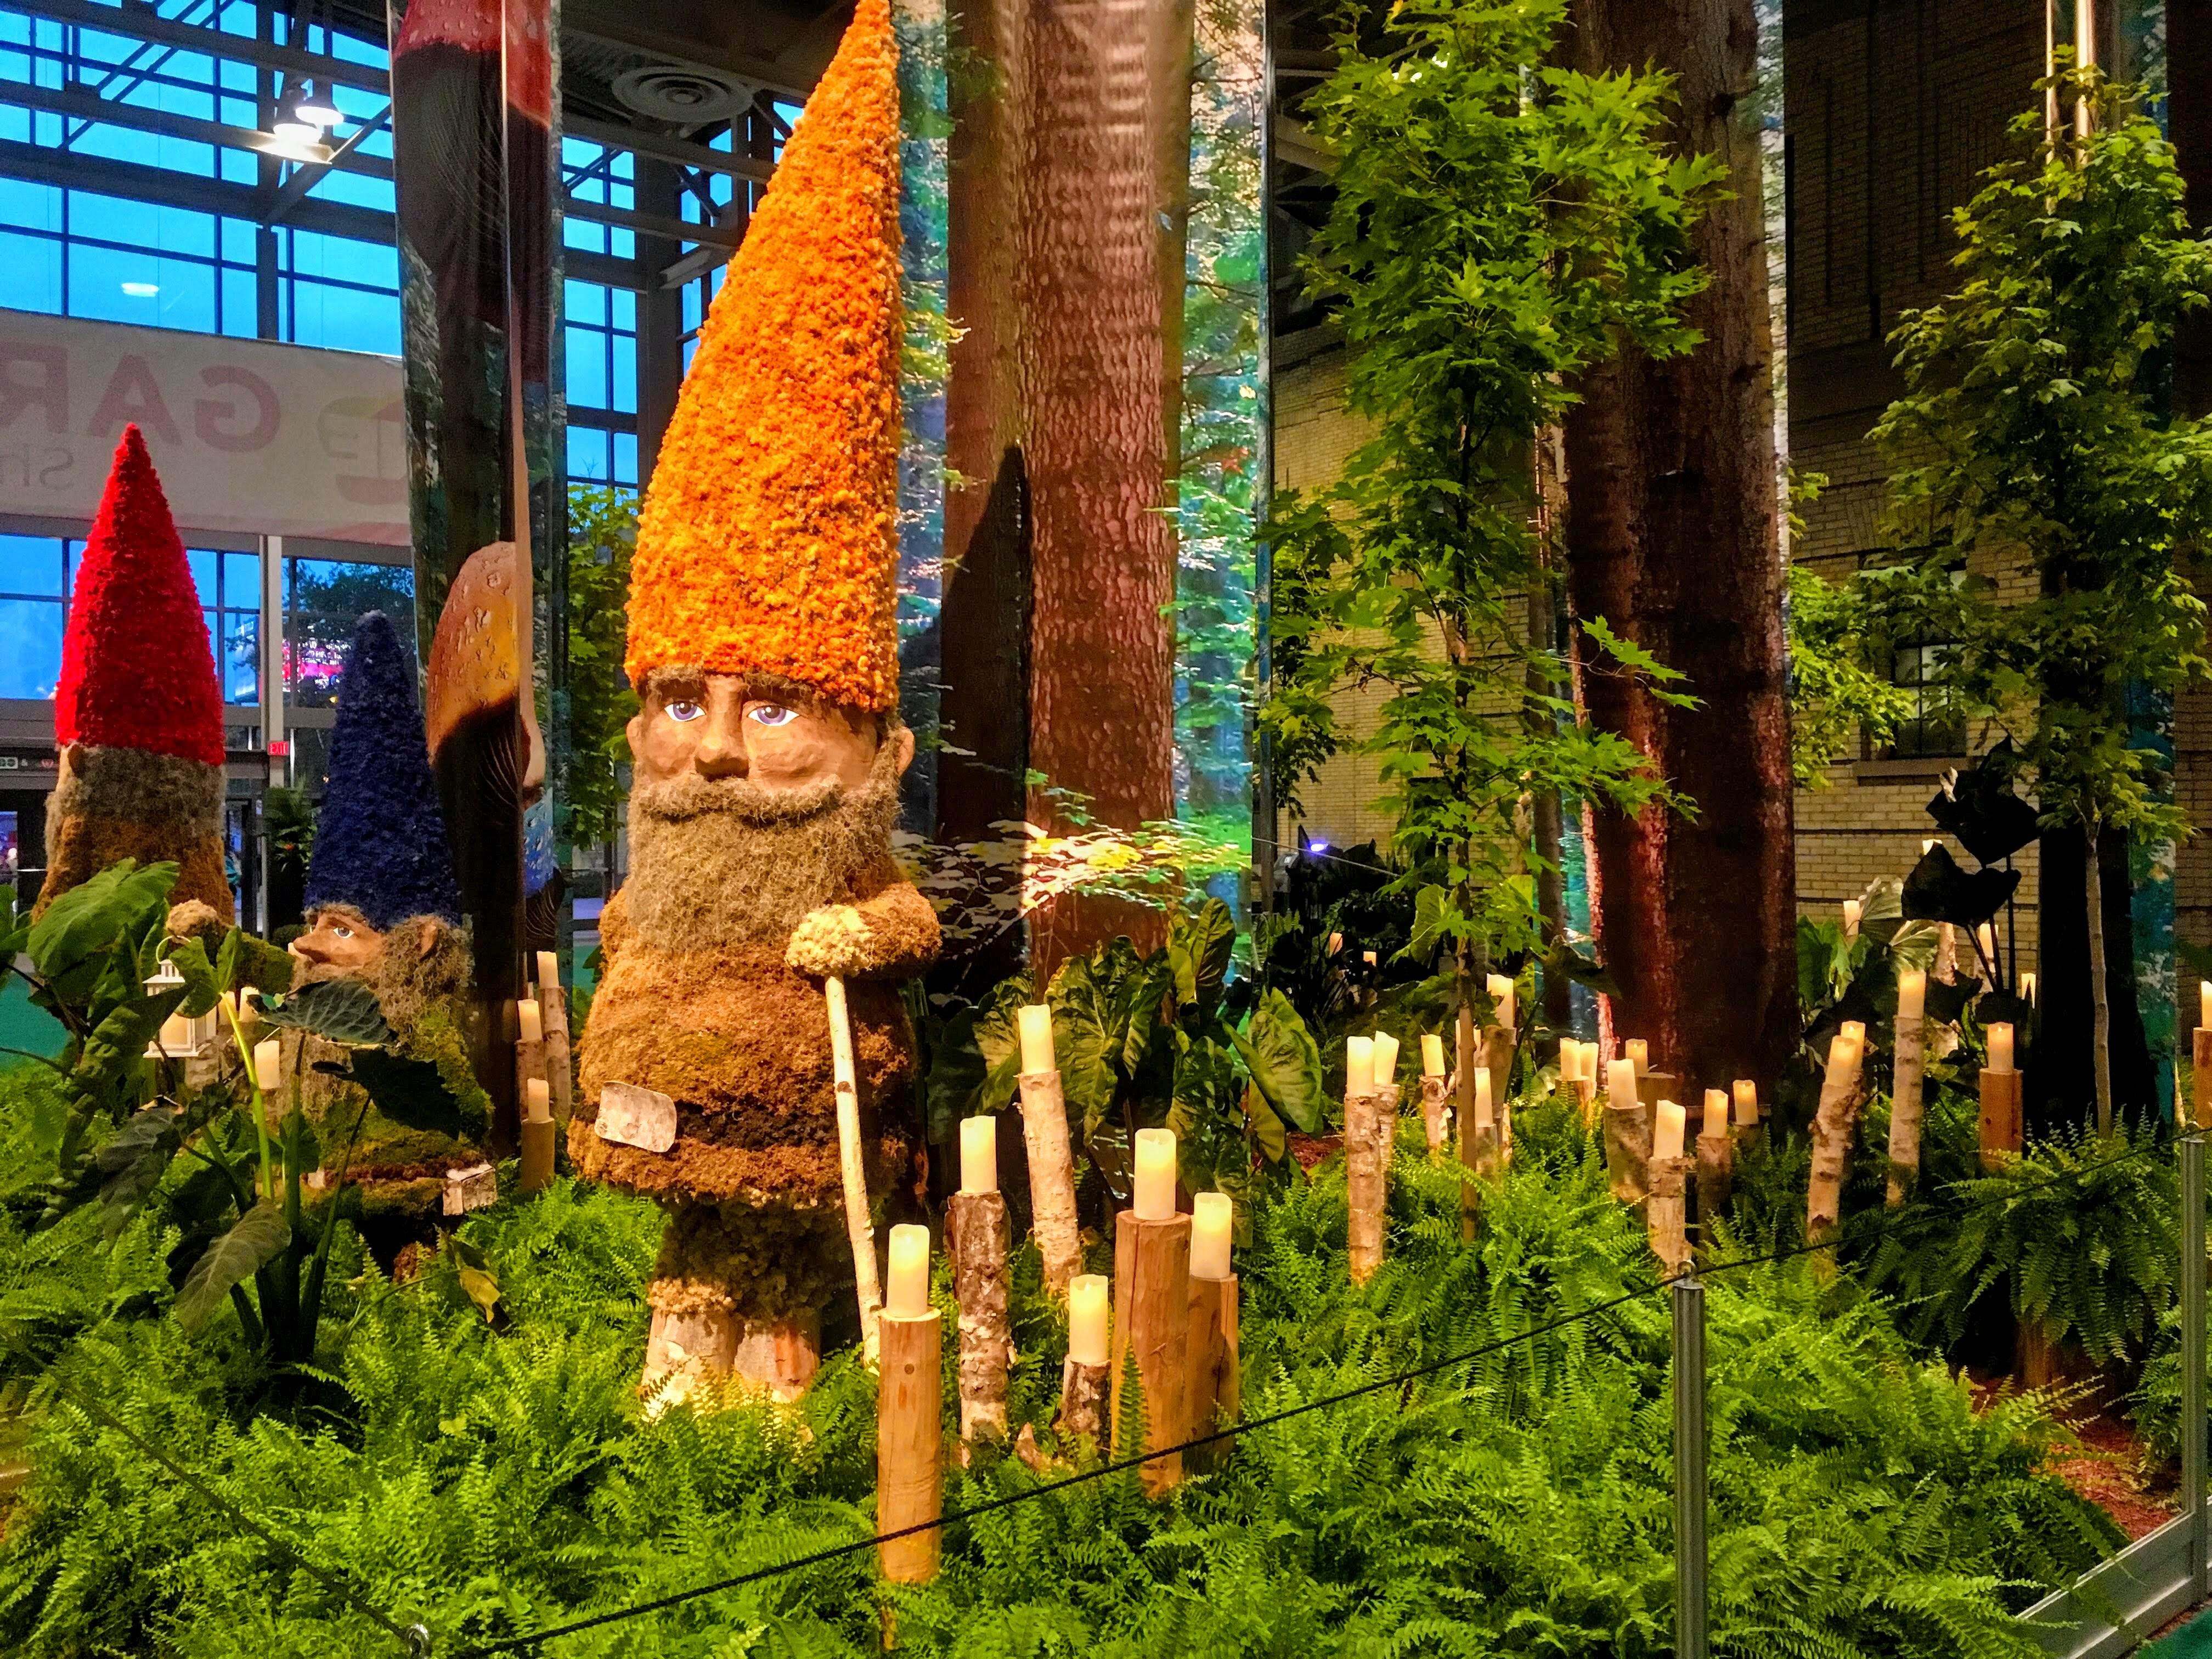 4.Gnome Garden CNE